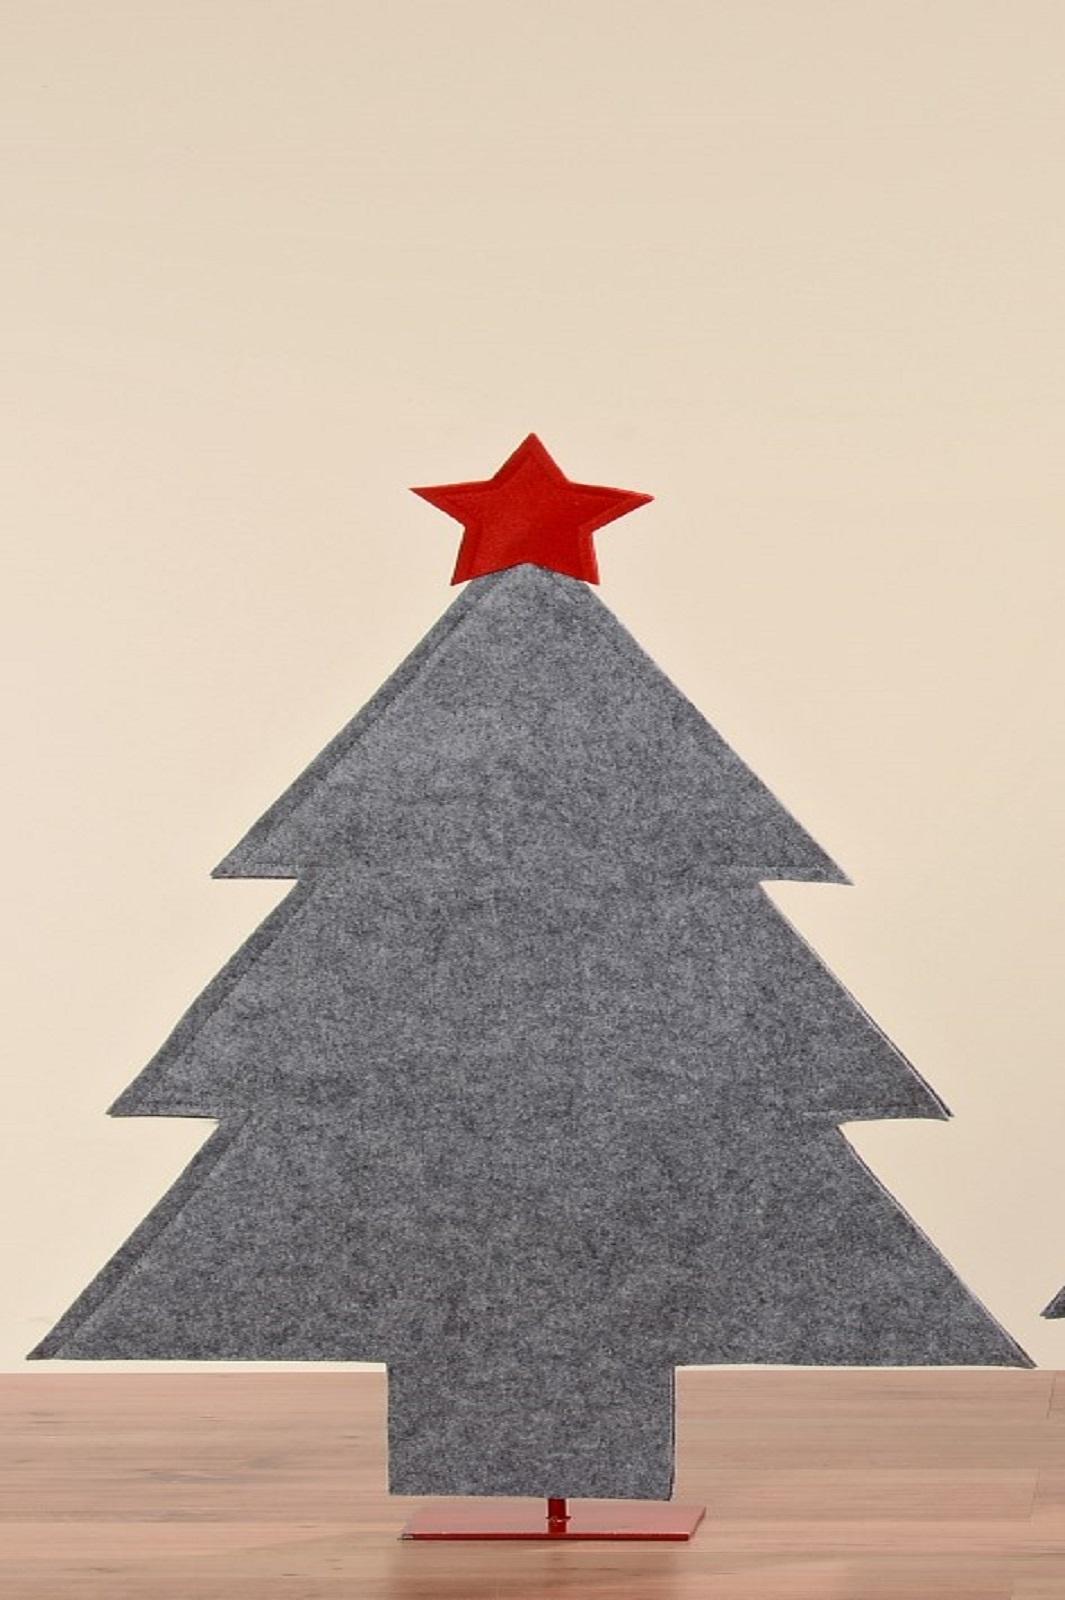 Baum Filzbaum Dekobaum Filz grau mit rotem Stern  H 93 cm